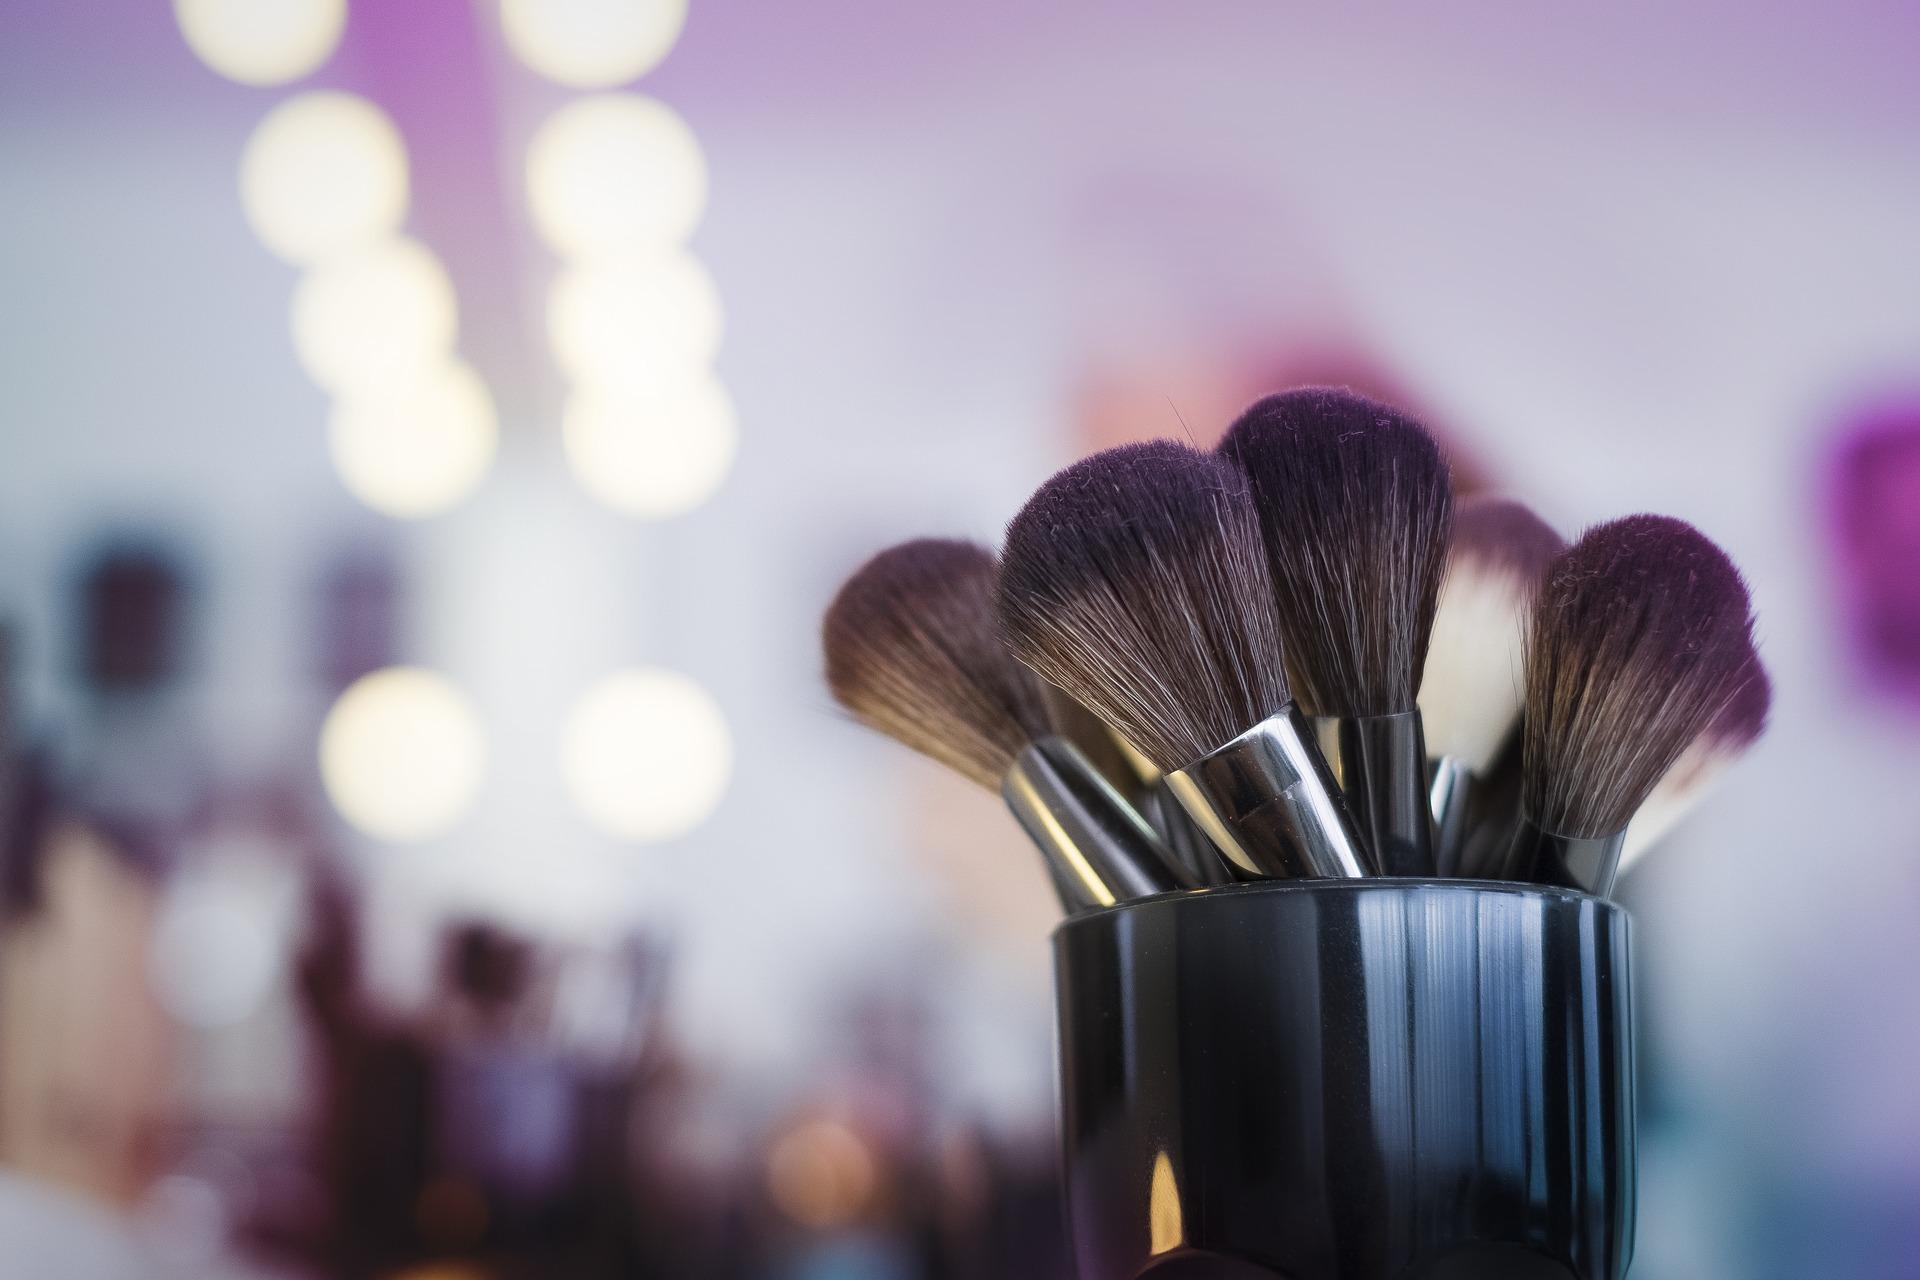 20 Genius Makeup Hacks